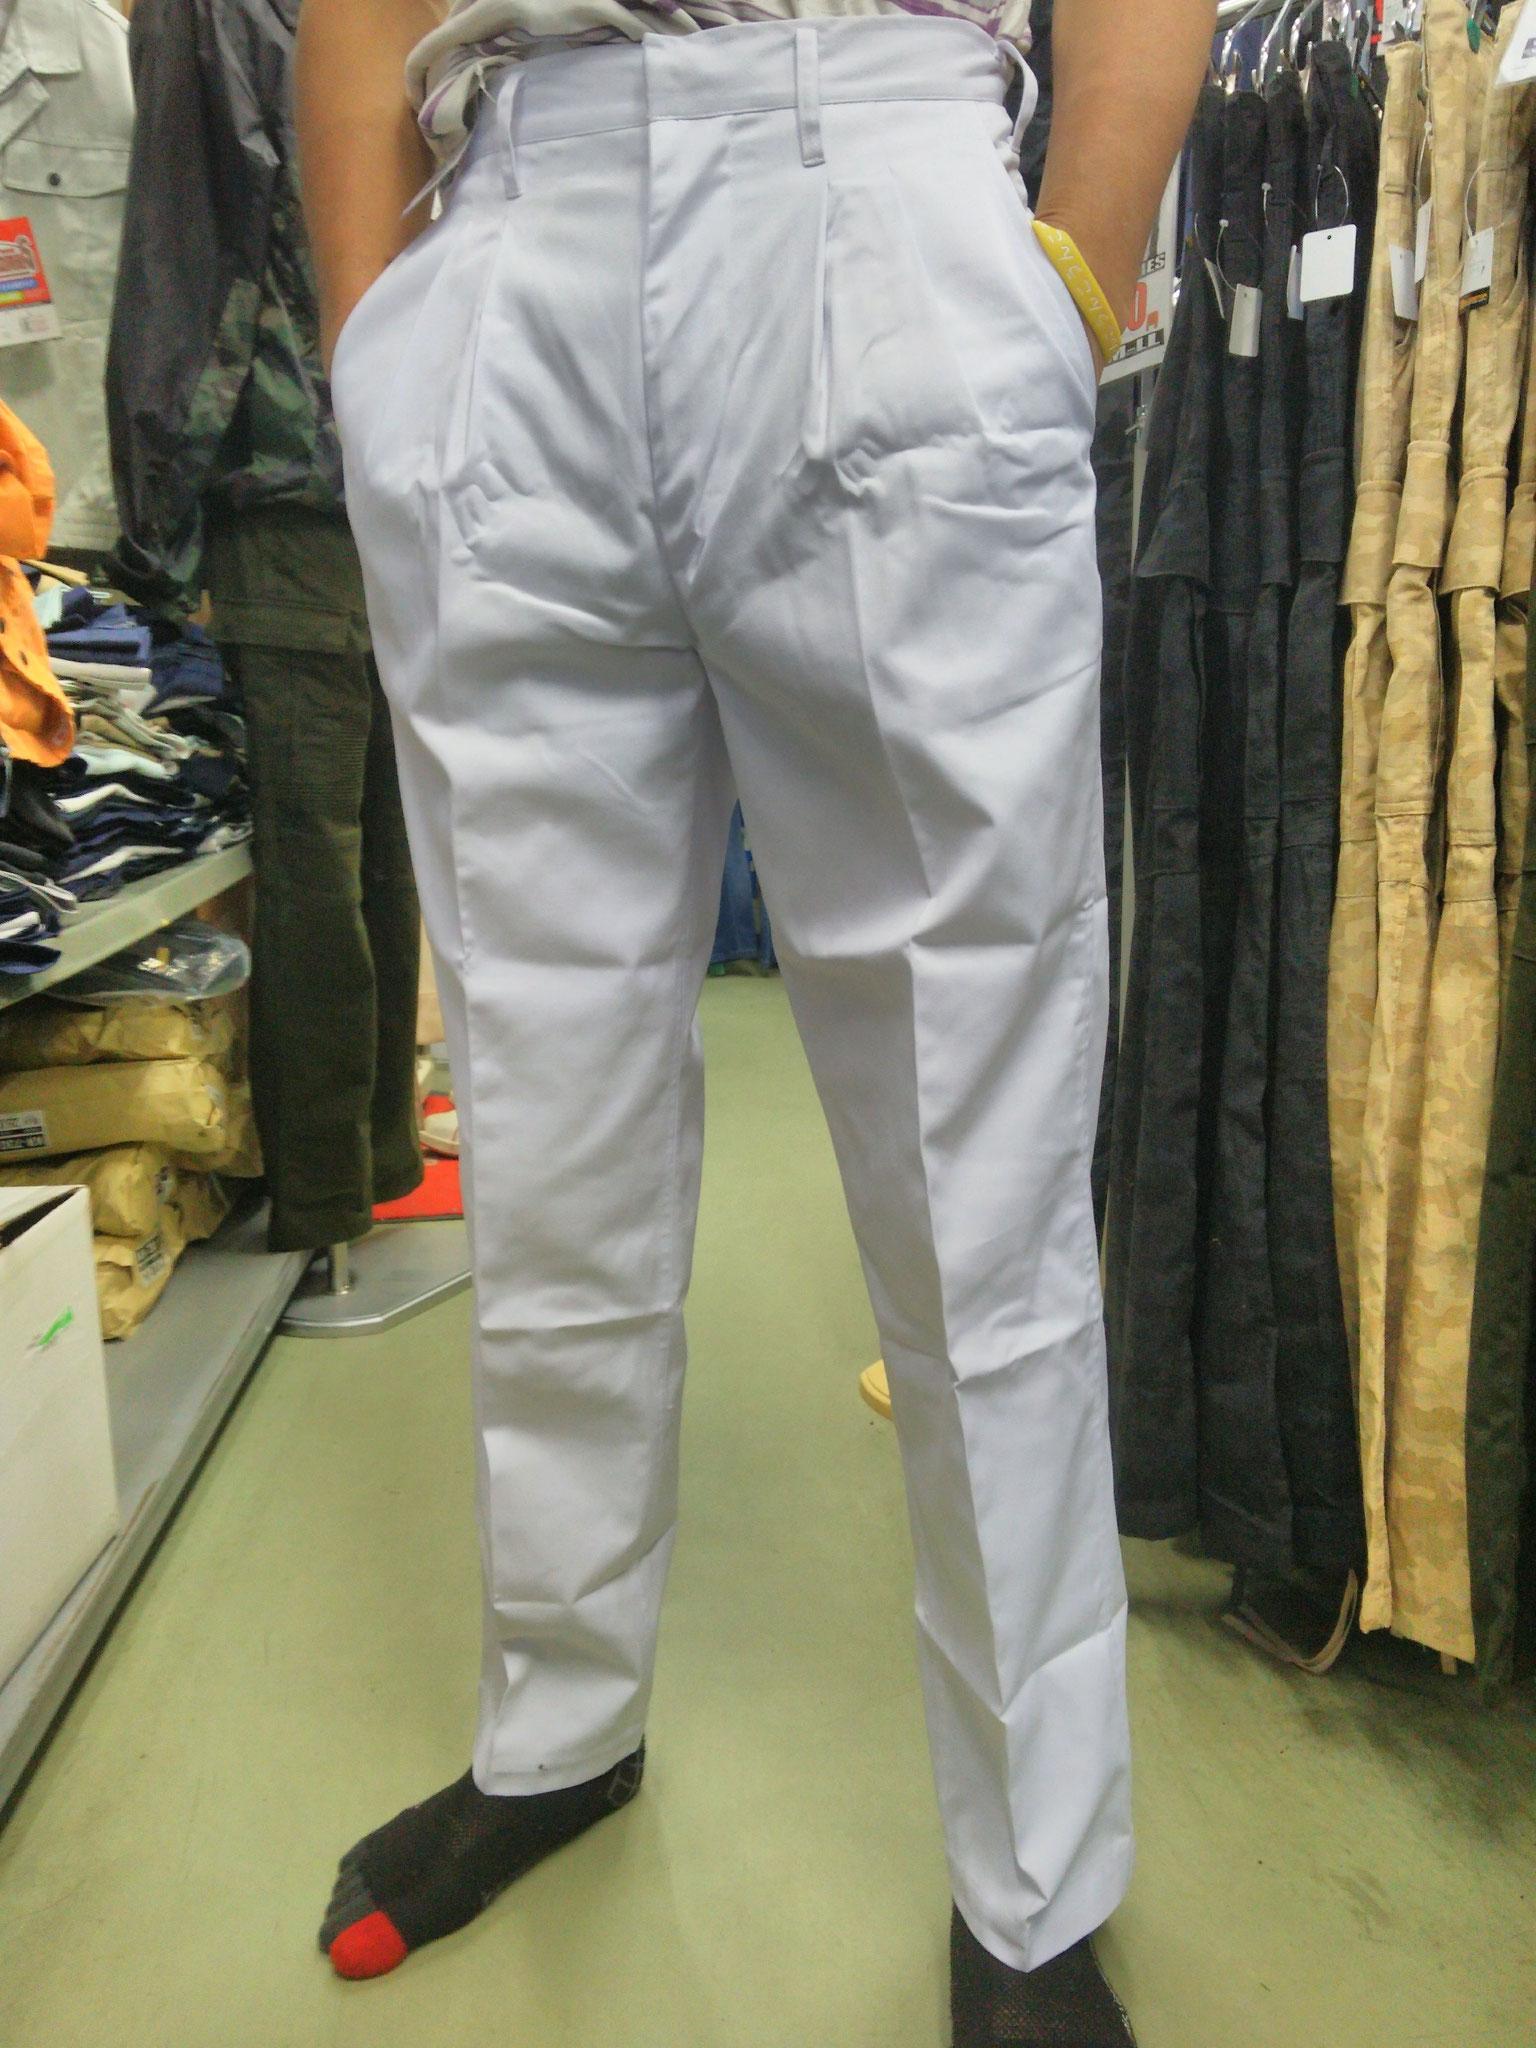 祭り白ズボン ¥2,200(税込)祭りと言えば、祭り白ズボン!!73cm-111cmまで